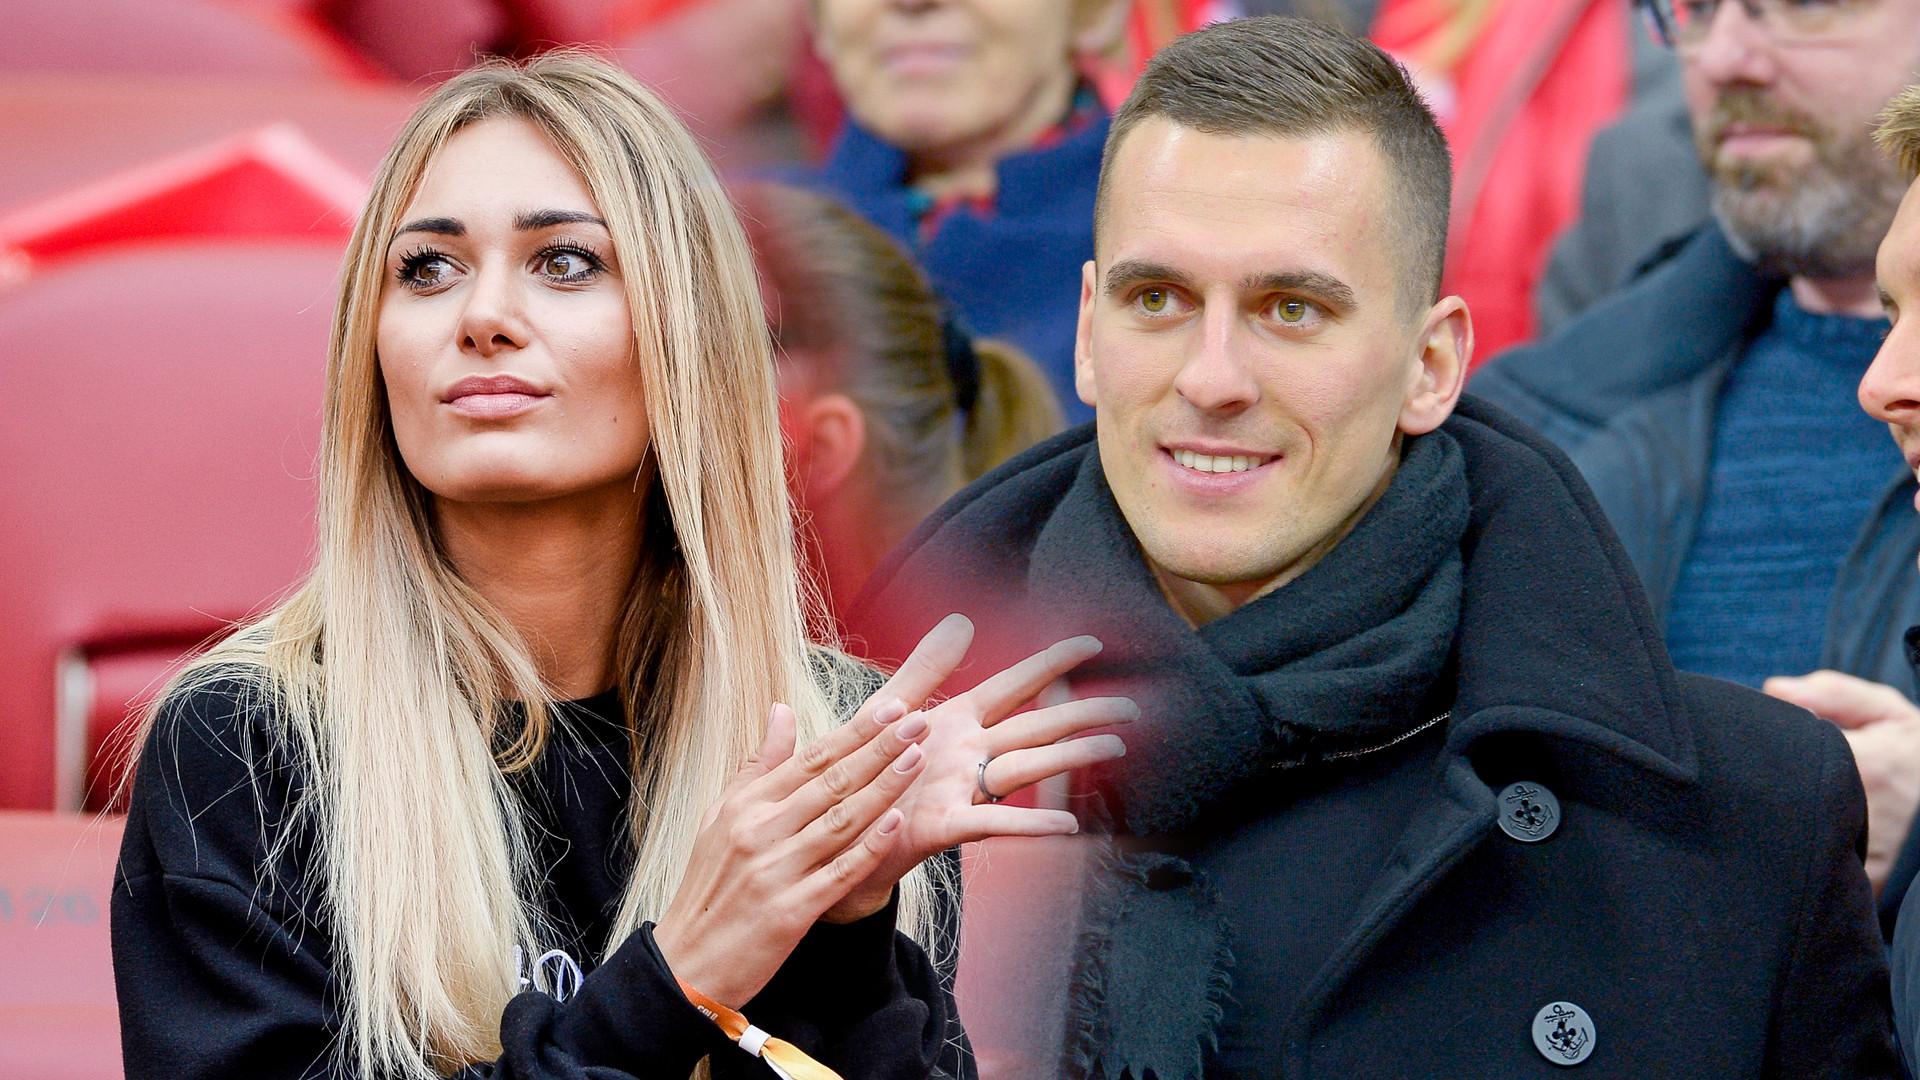 Jessica Ziółek, dziewczyna Arka Milika, zaczęła sprzedawać UBRANIA – zobaczcie, ILE KOSZTUJE u niej płaszcz (ZDJĘCIA)